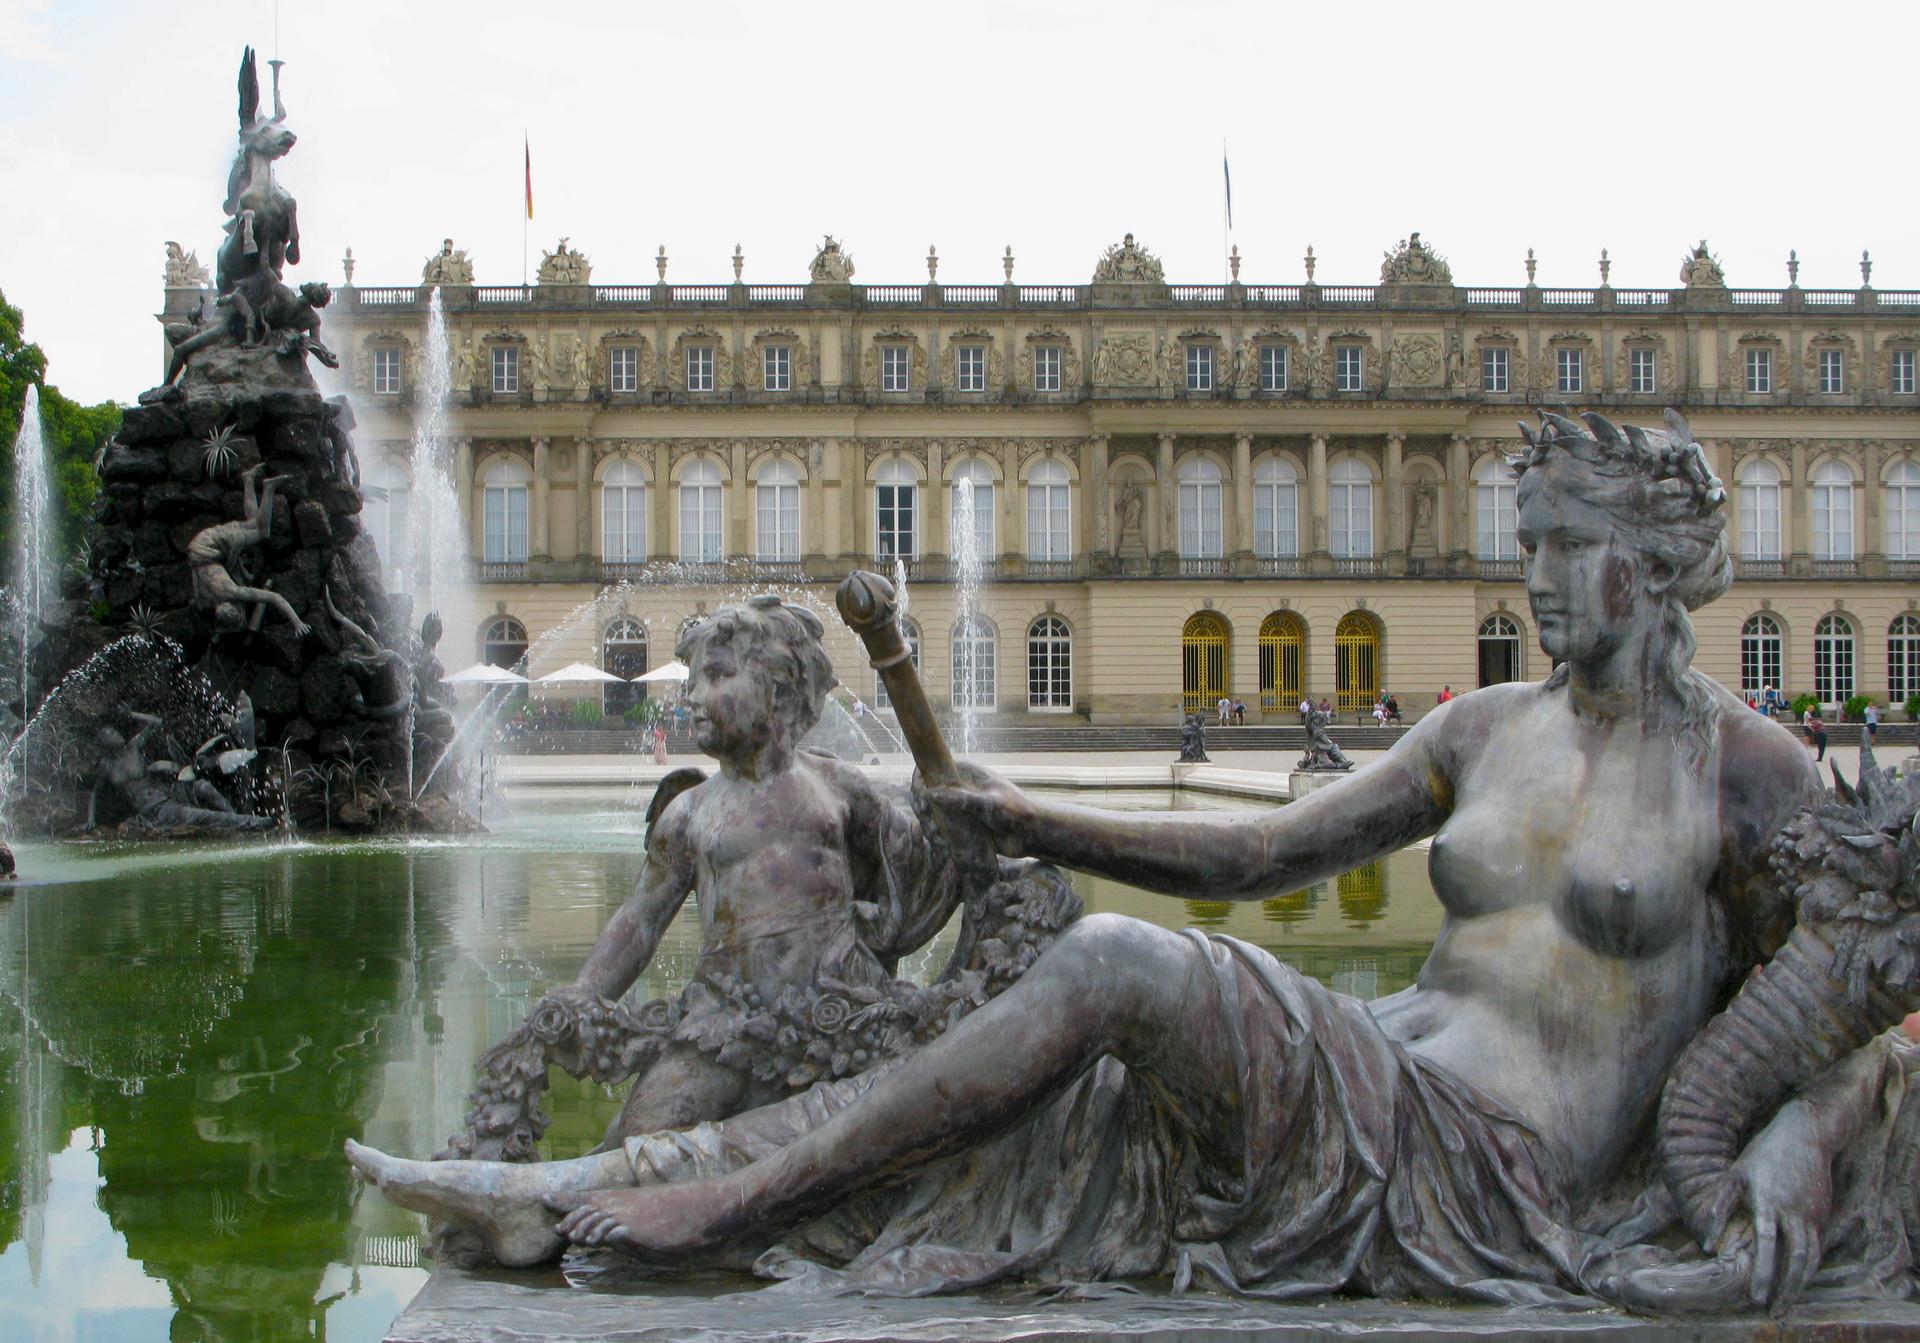 Ludwig II. ließ sein Inselschloss nach dem Vorbild von Versailles bauen.  ©ZDF/Gert Anhalt